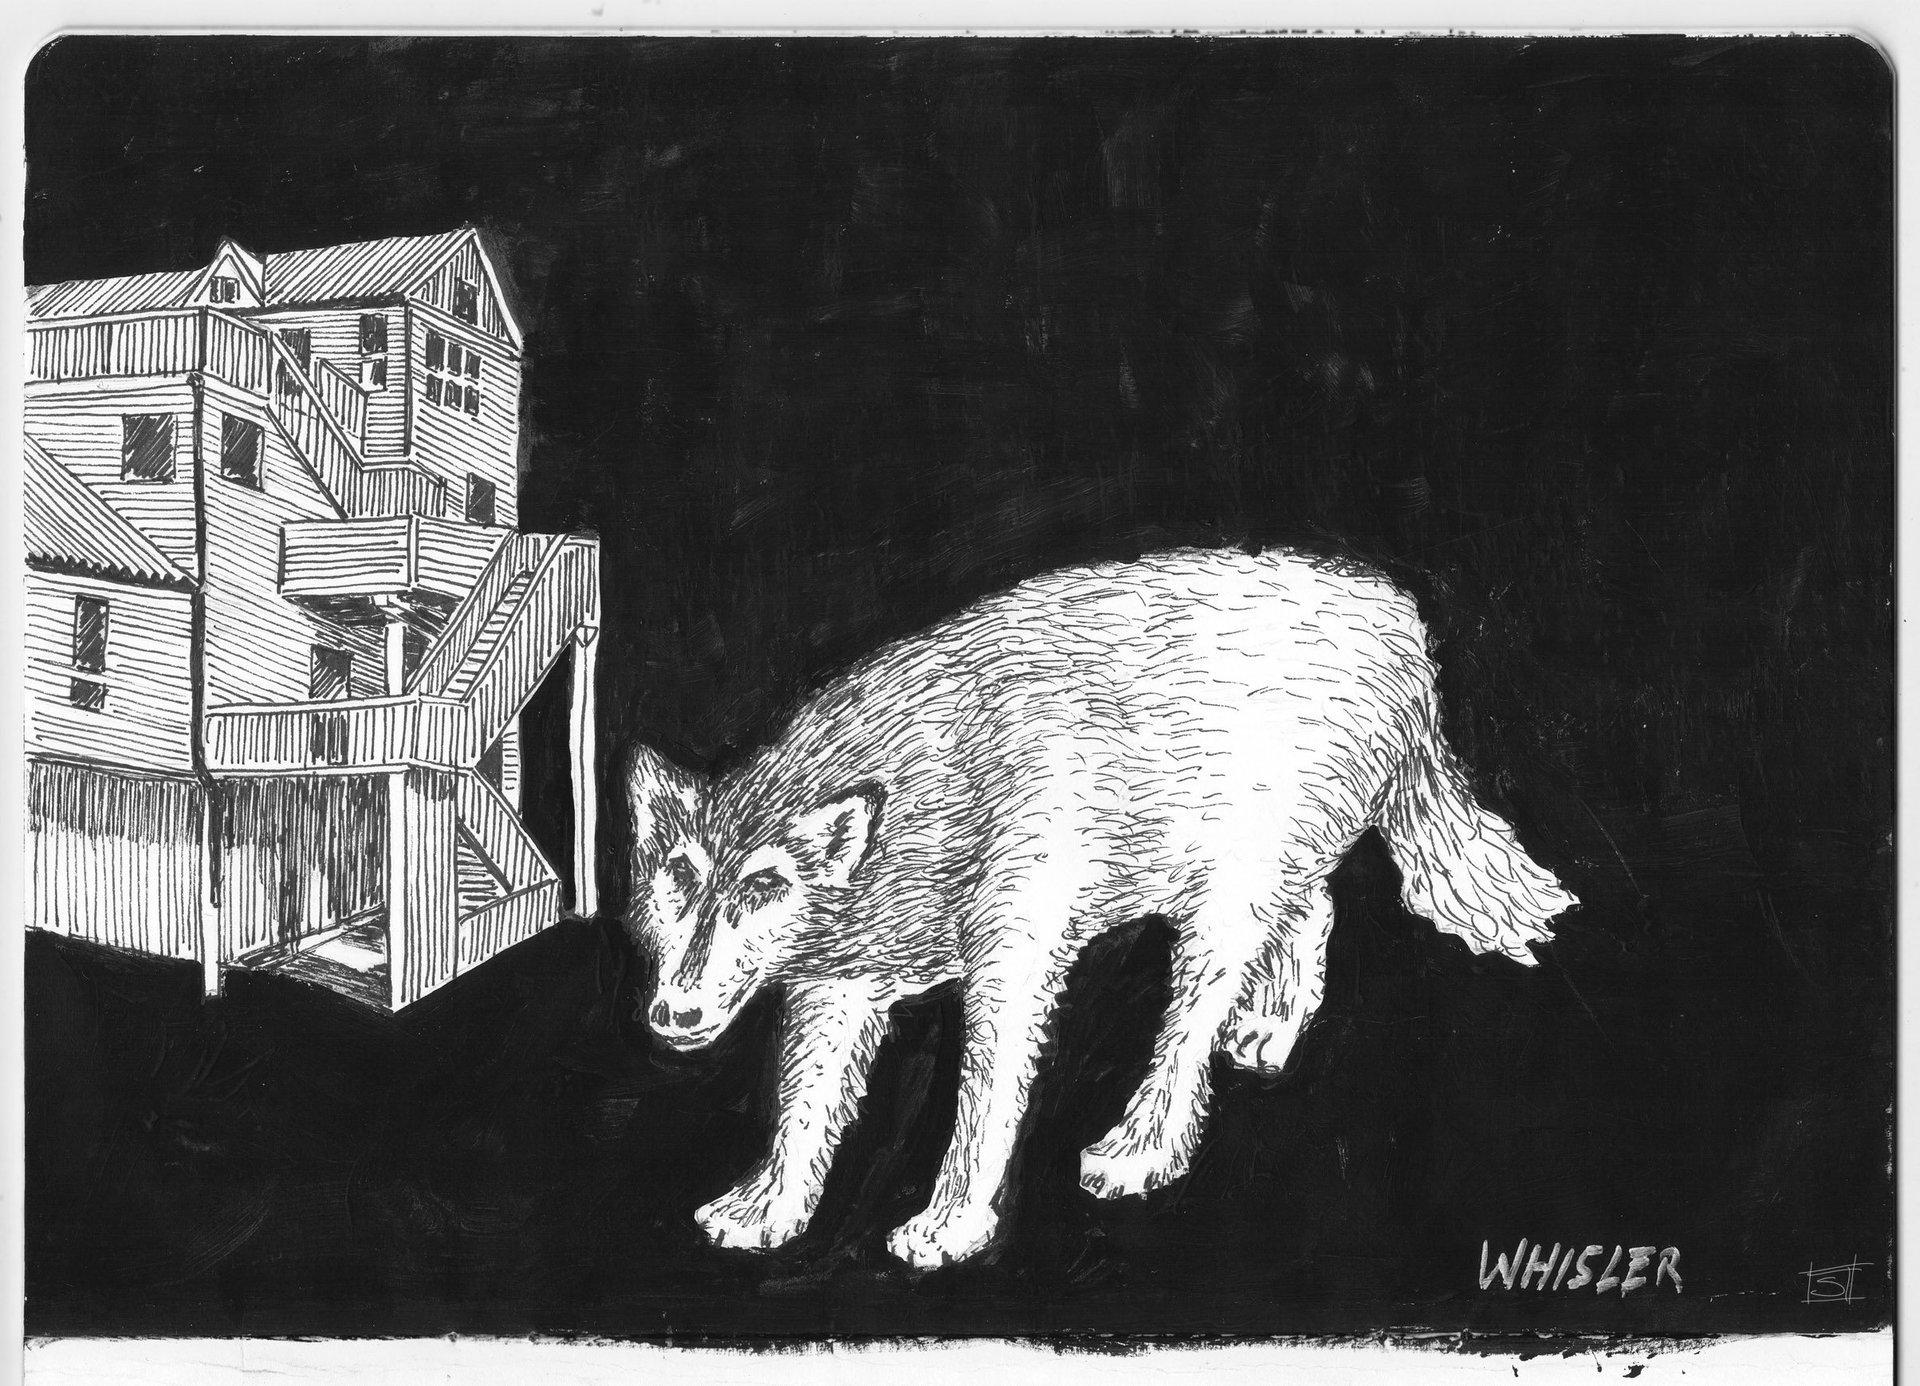 Sebastiano Toma sketches of Canada - Whistler